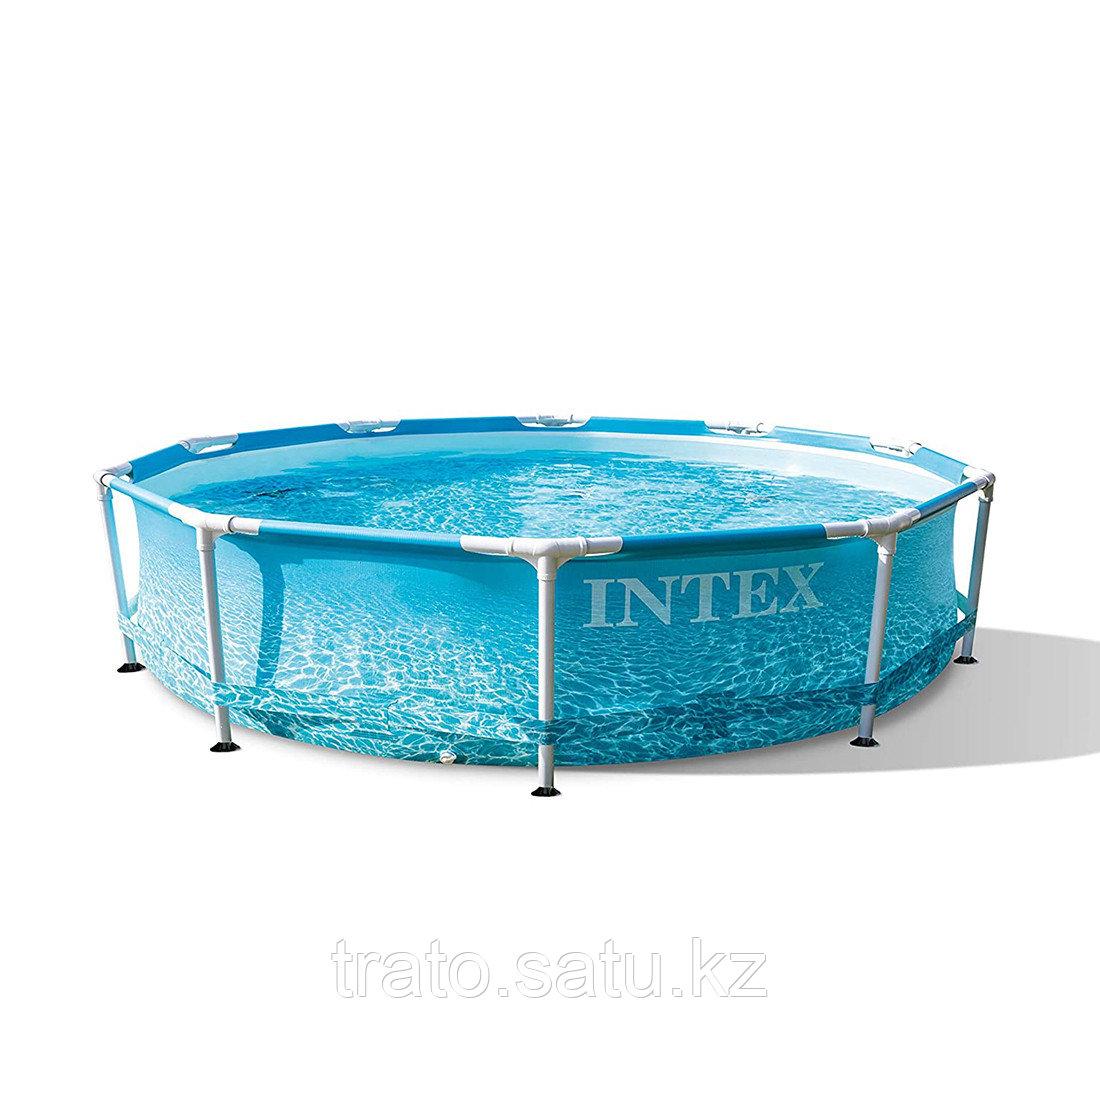 INTEX 305 х 76 см Принт морской волны